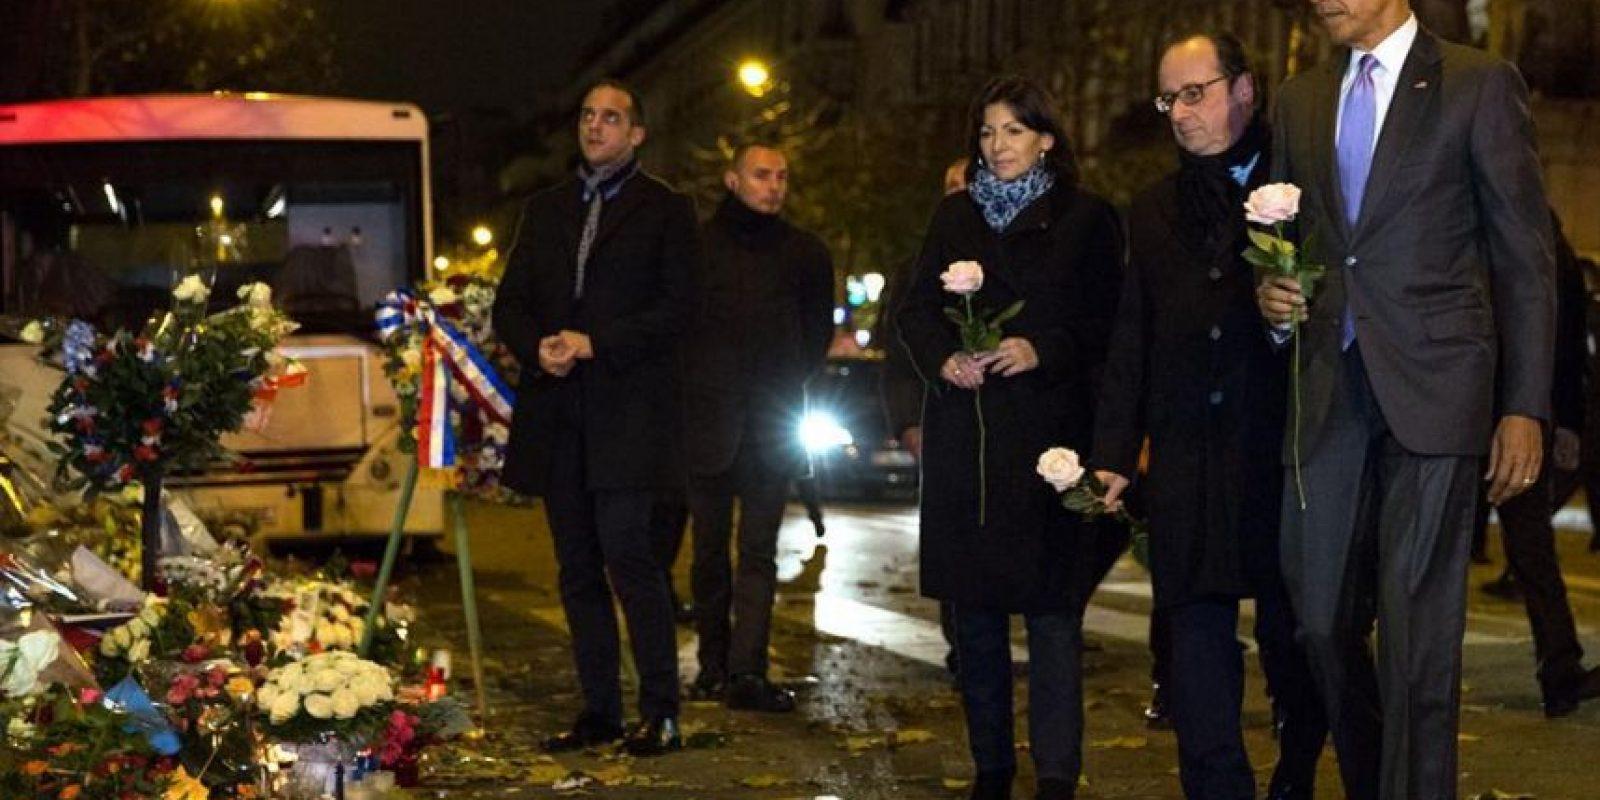 Obama muestra su lado humano junto al presidente de Francia, Francois Hollande, dejando una rosa por los caídos en el N-30 Foto:instagram.com/petesouza/